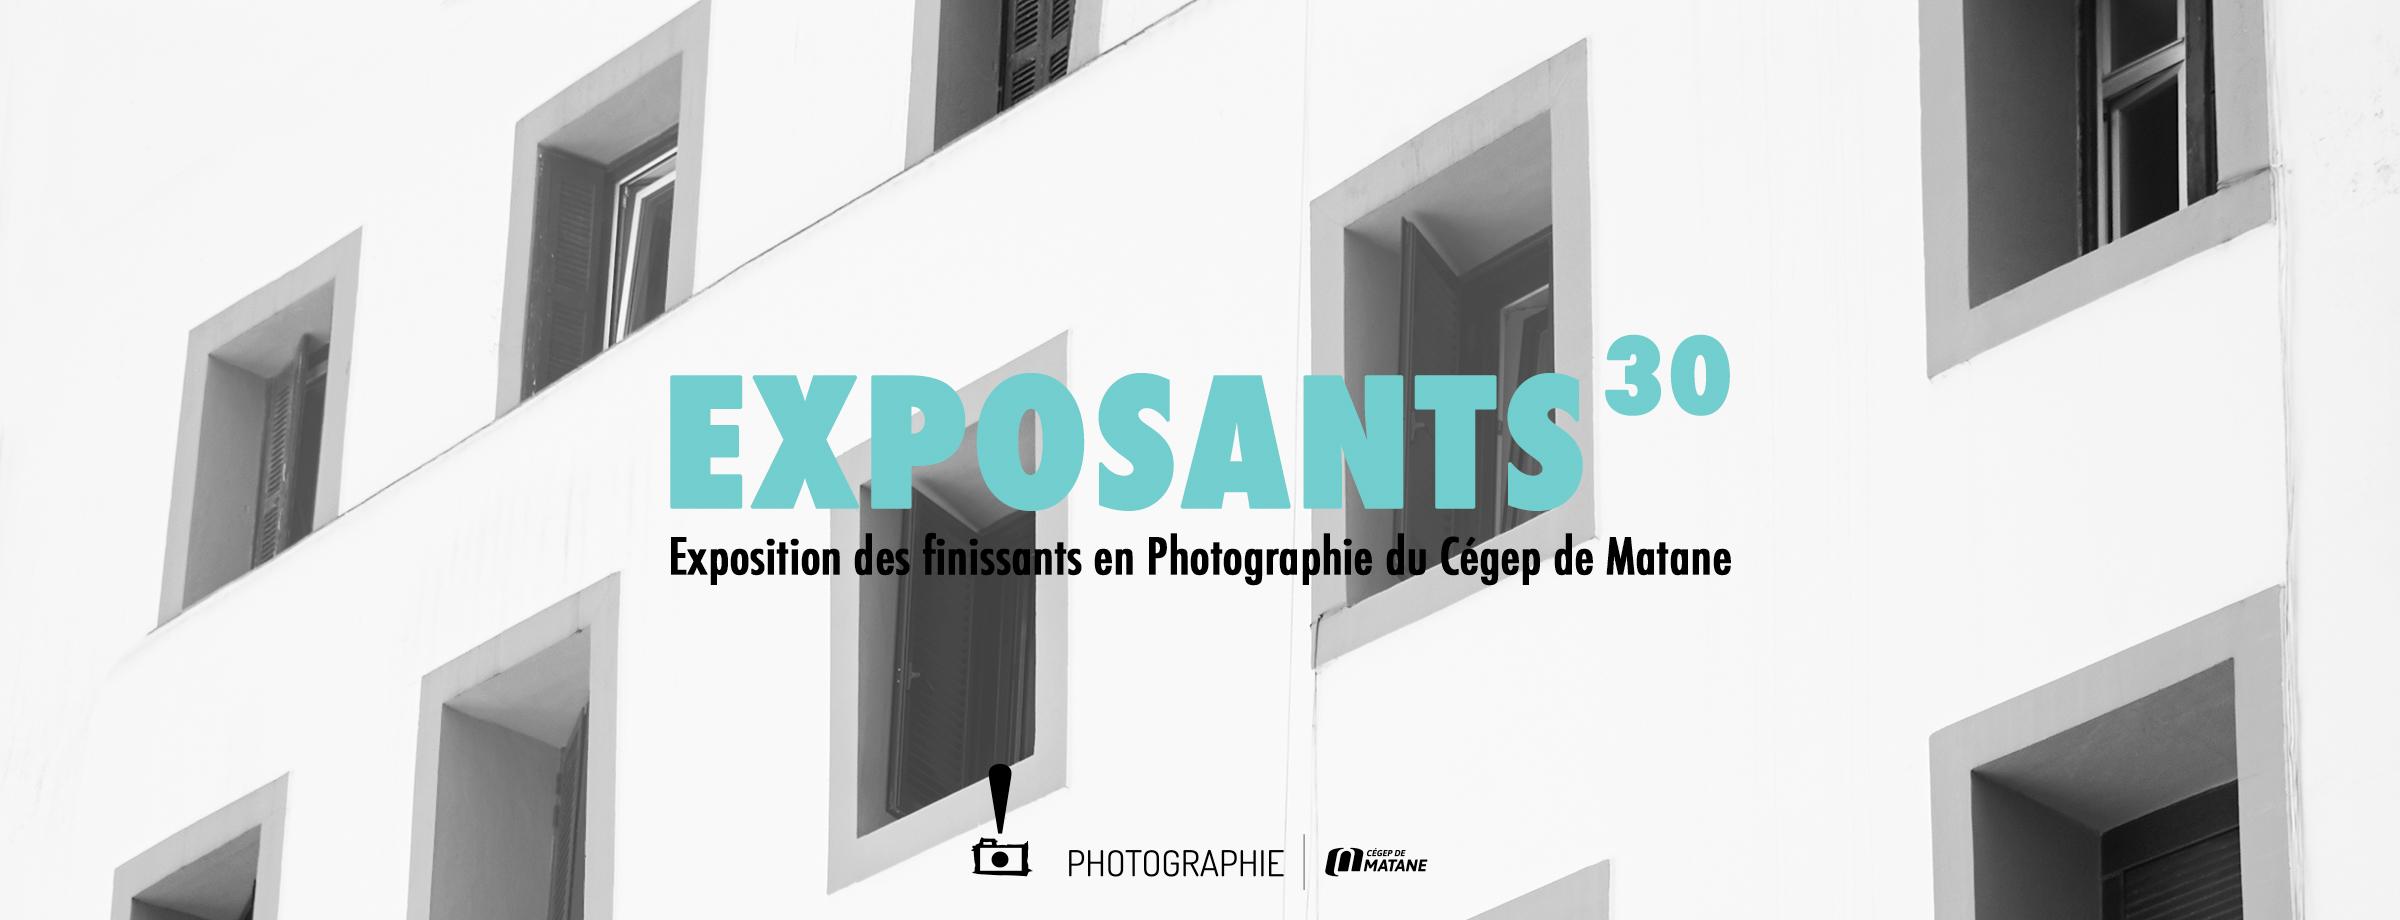 Les finissants en Photographie du Cégep de Matane exposeront virtuellement